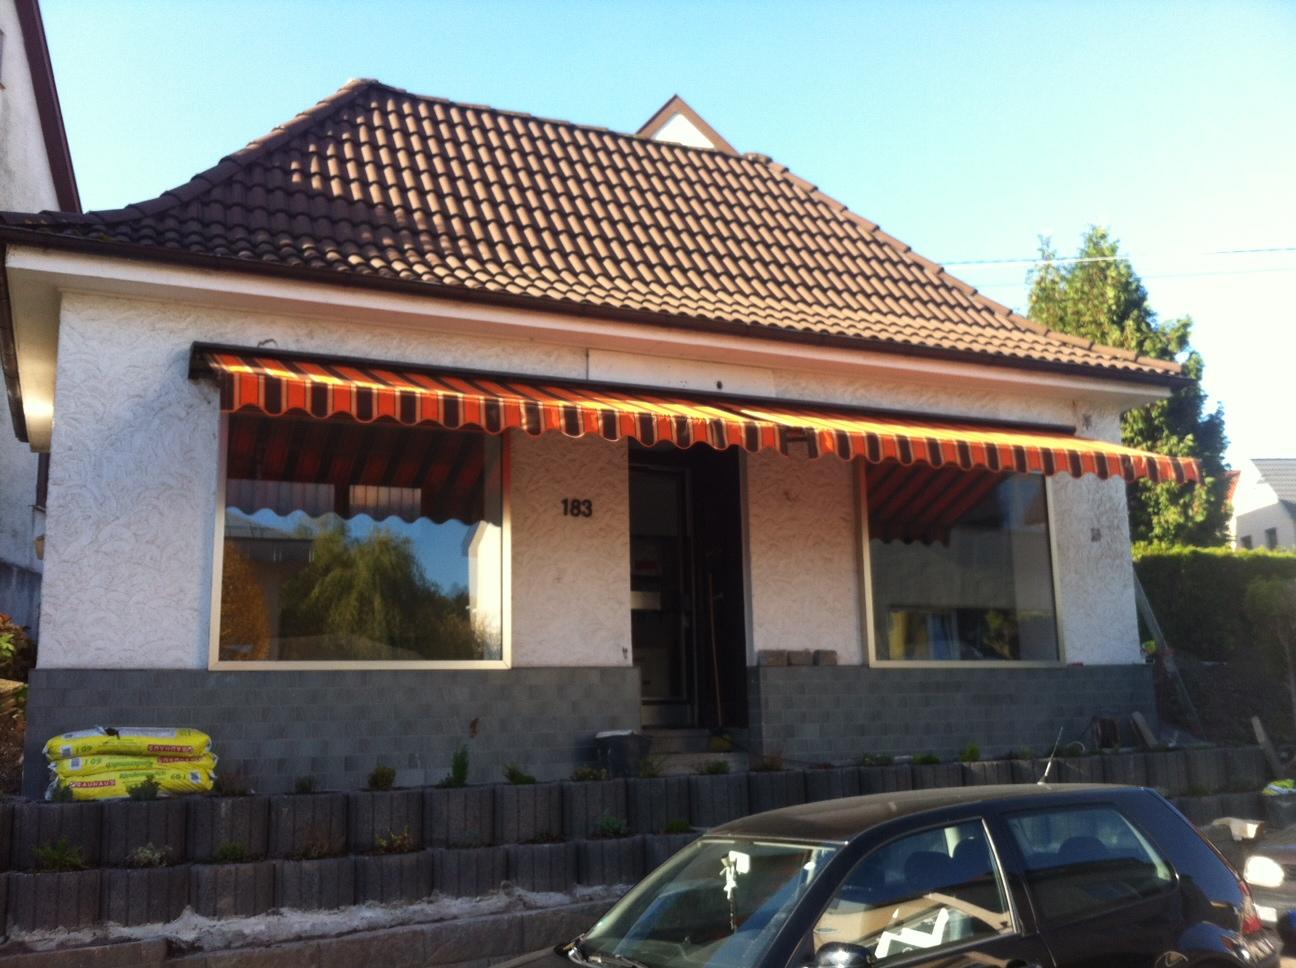 Immobilien in uhlbach kaufen bauen finanzieren for Haus bauen stuttgart